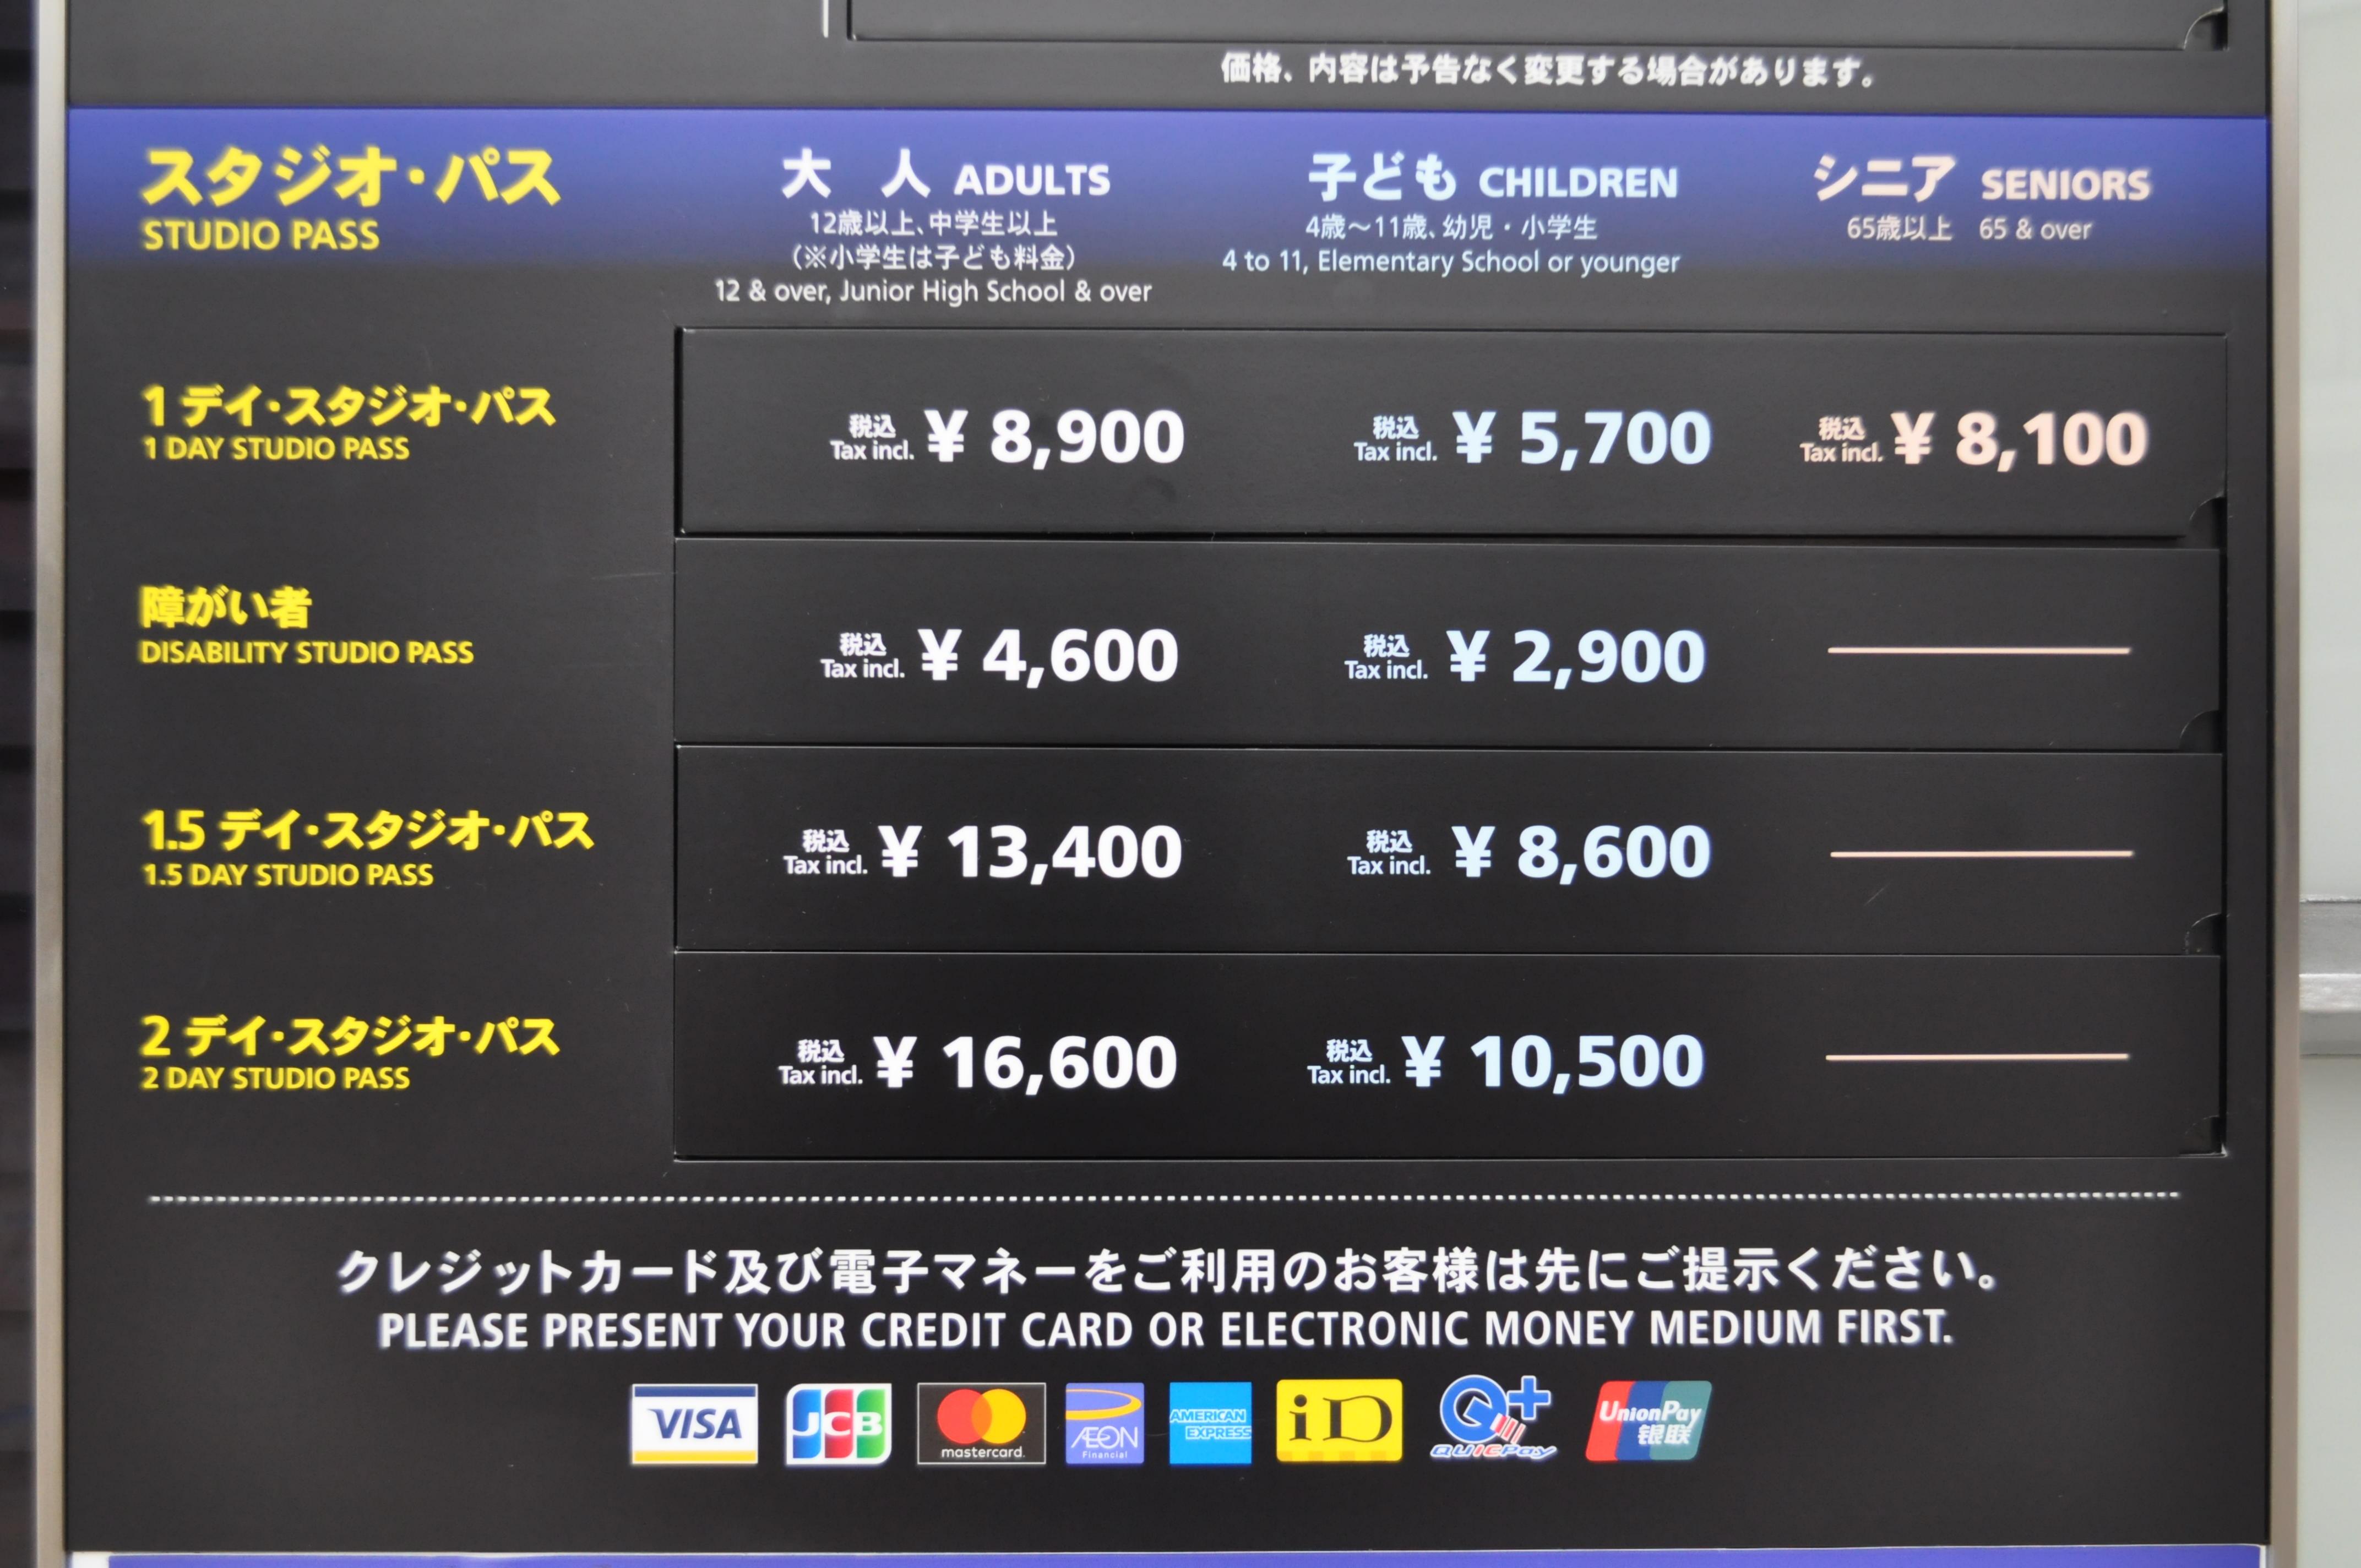 【必見】USJの入場料はいくら?チケットの種類&値段まとめ!